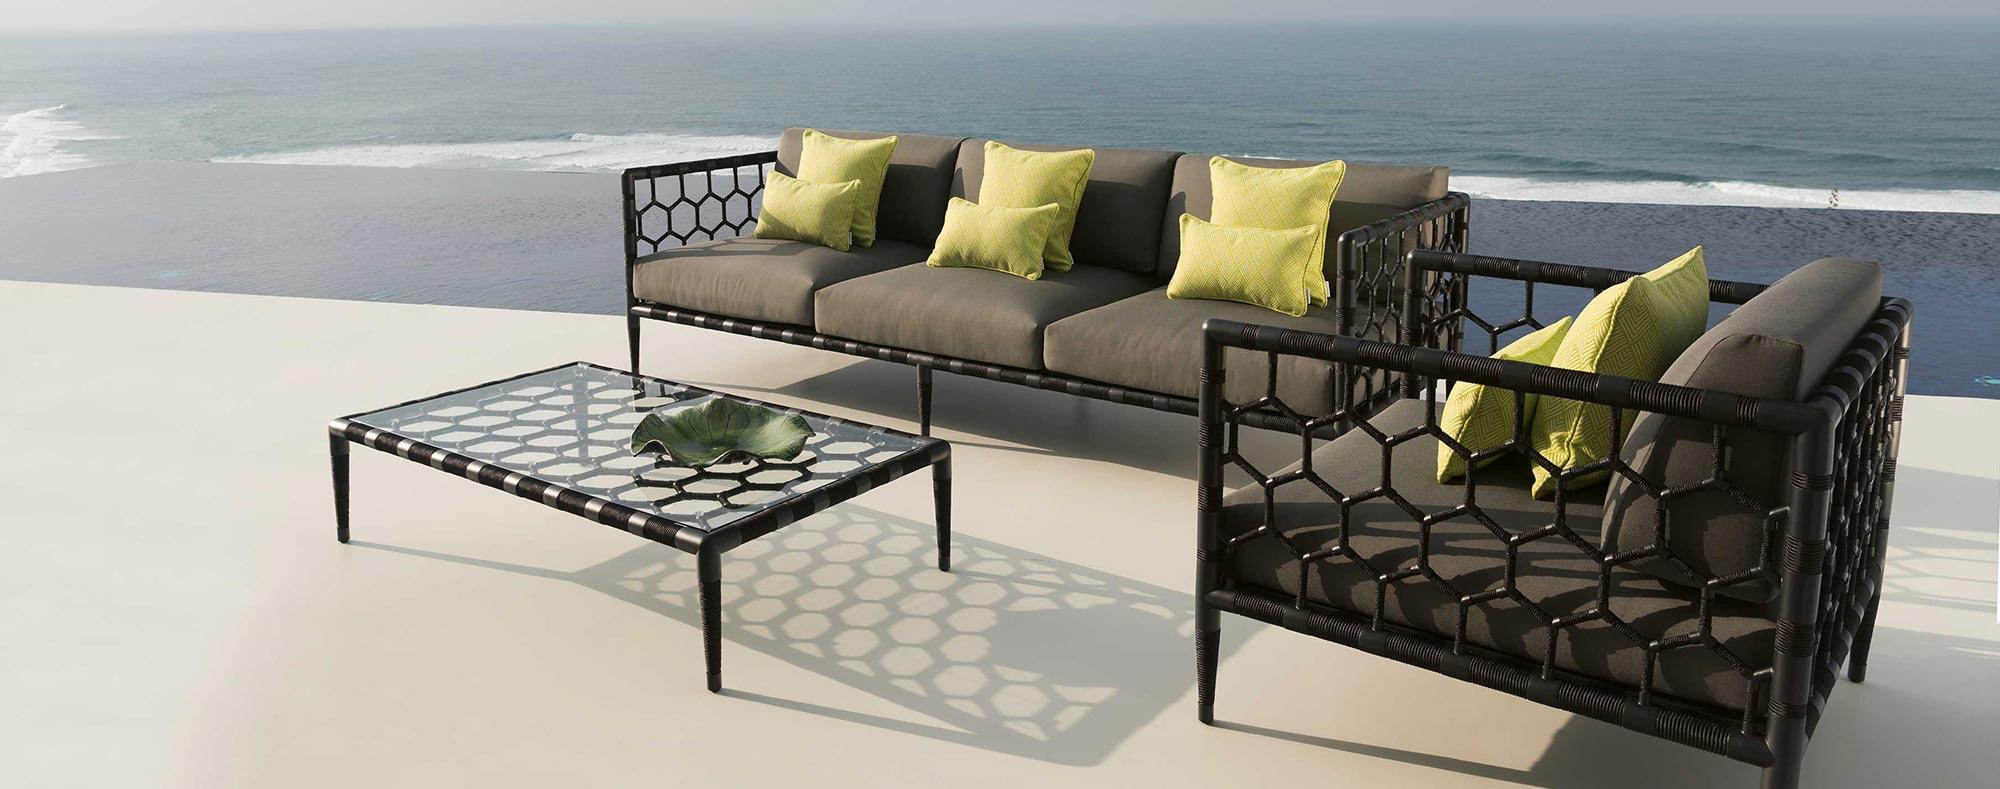 Marina outdoor coffee table